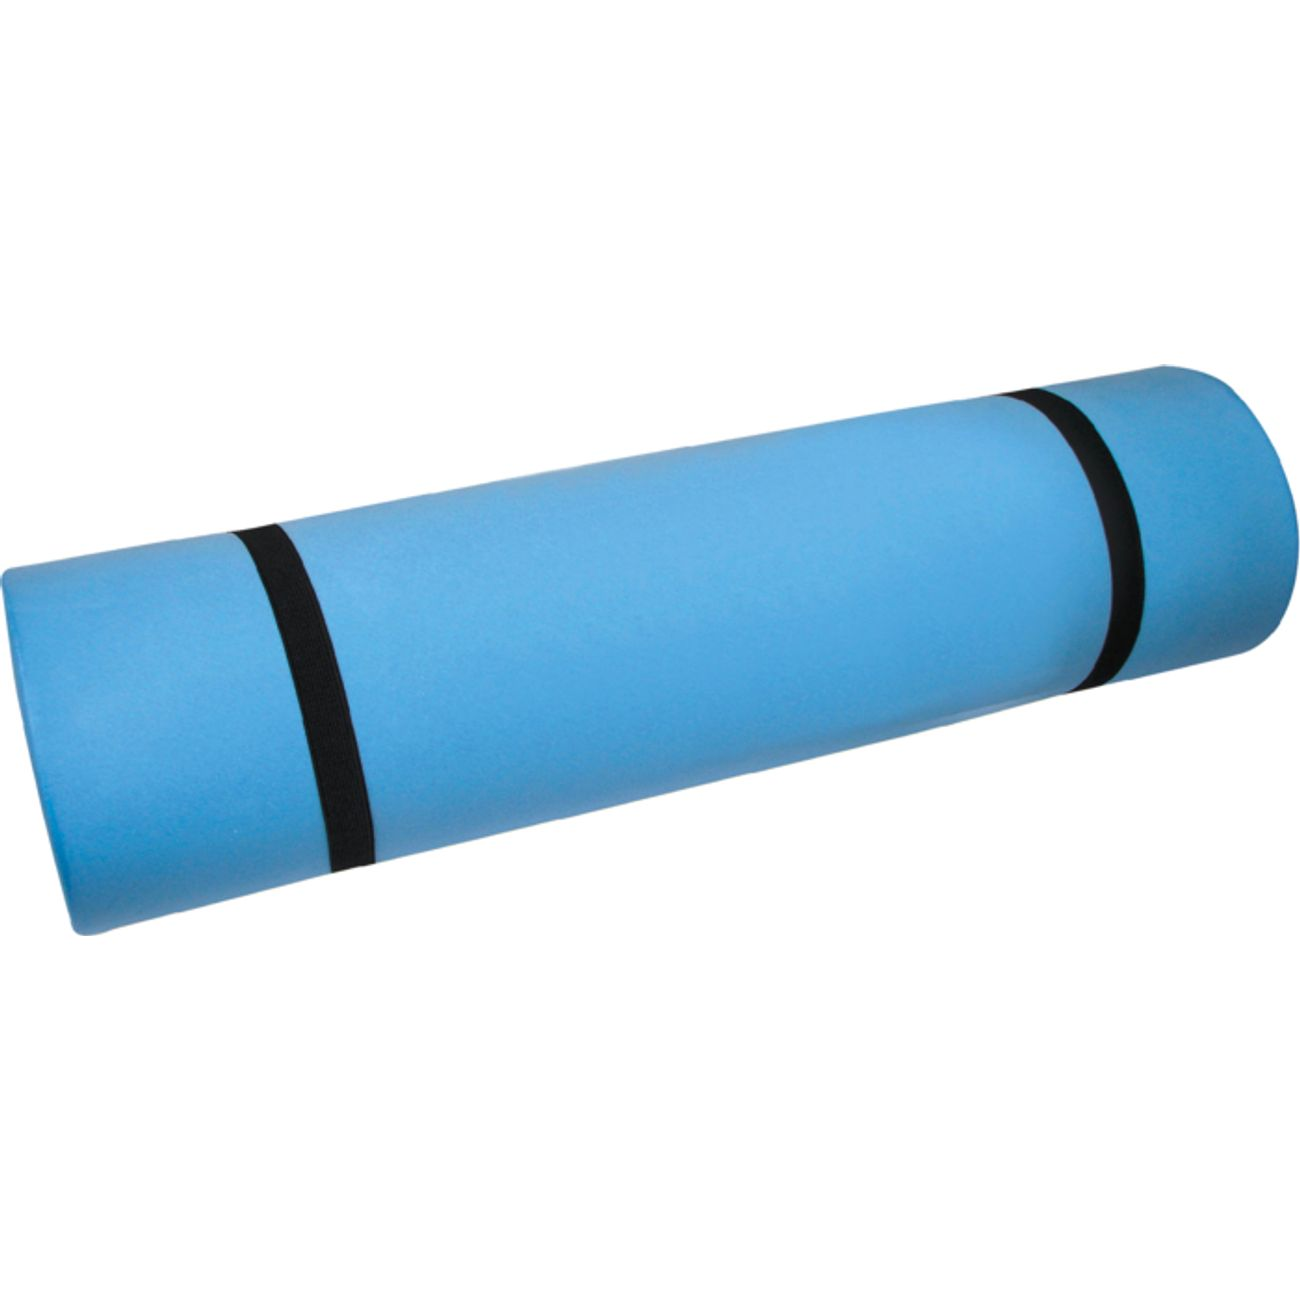 tapis mousse bleu achat et prix pas cher go sport. Black Bedroom Furniture Sets. Home Design Ideas